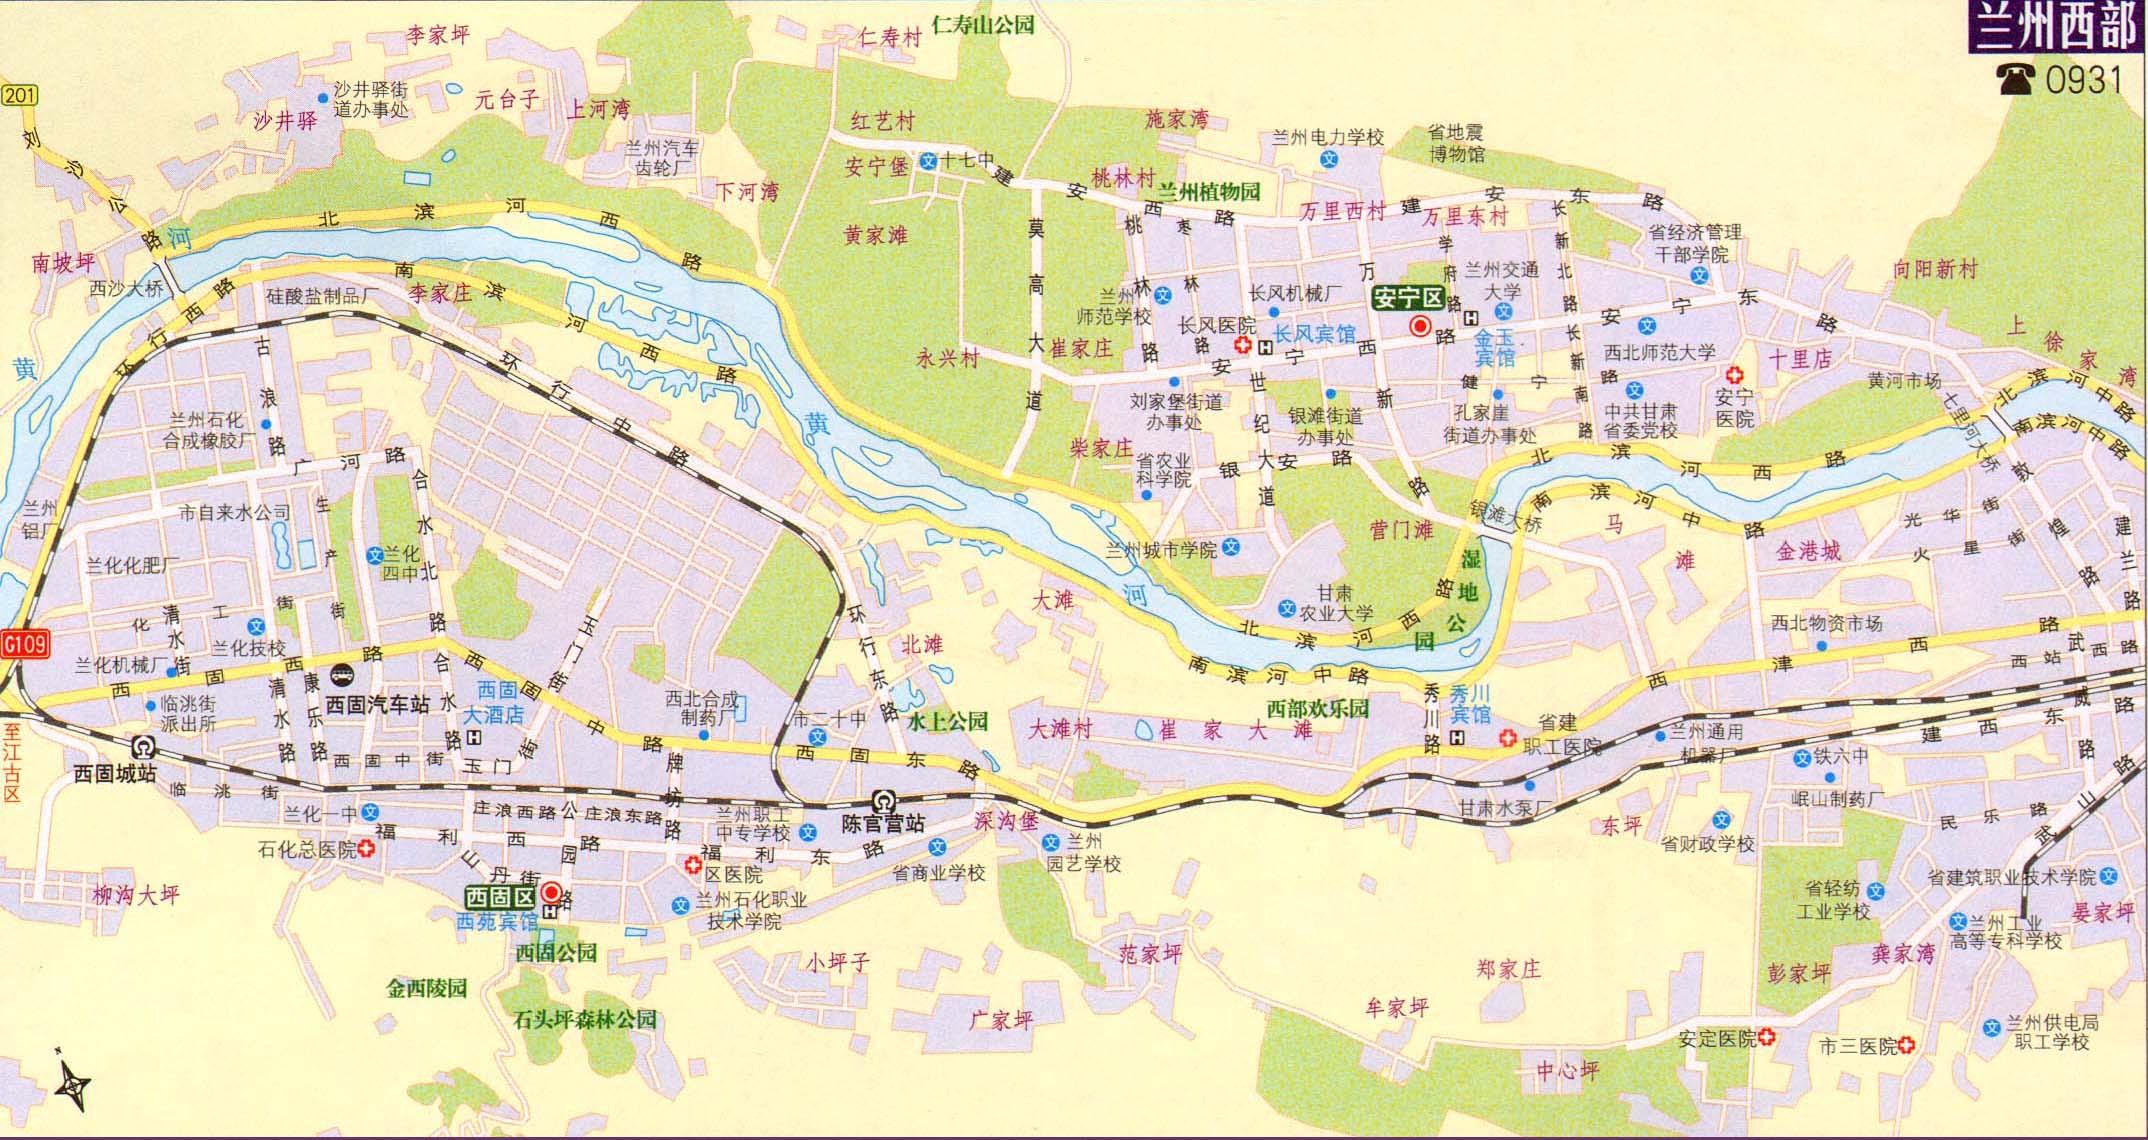 兰州交通地图2017版